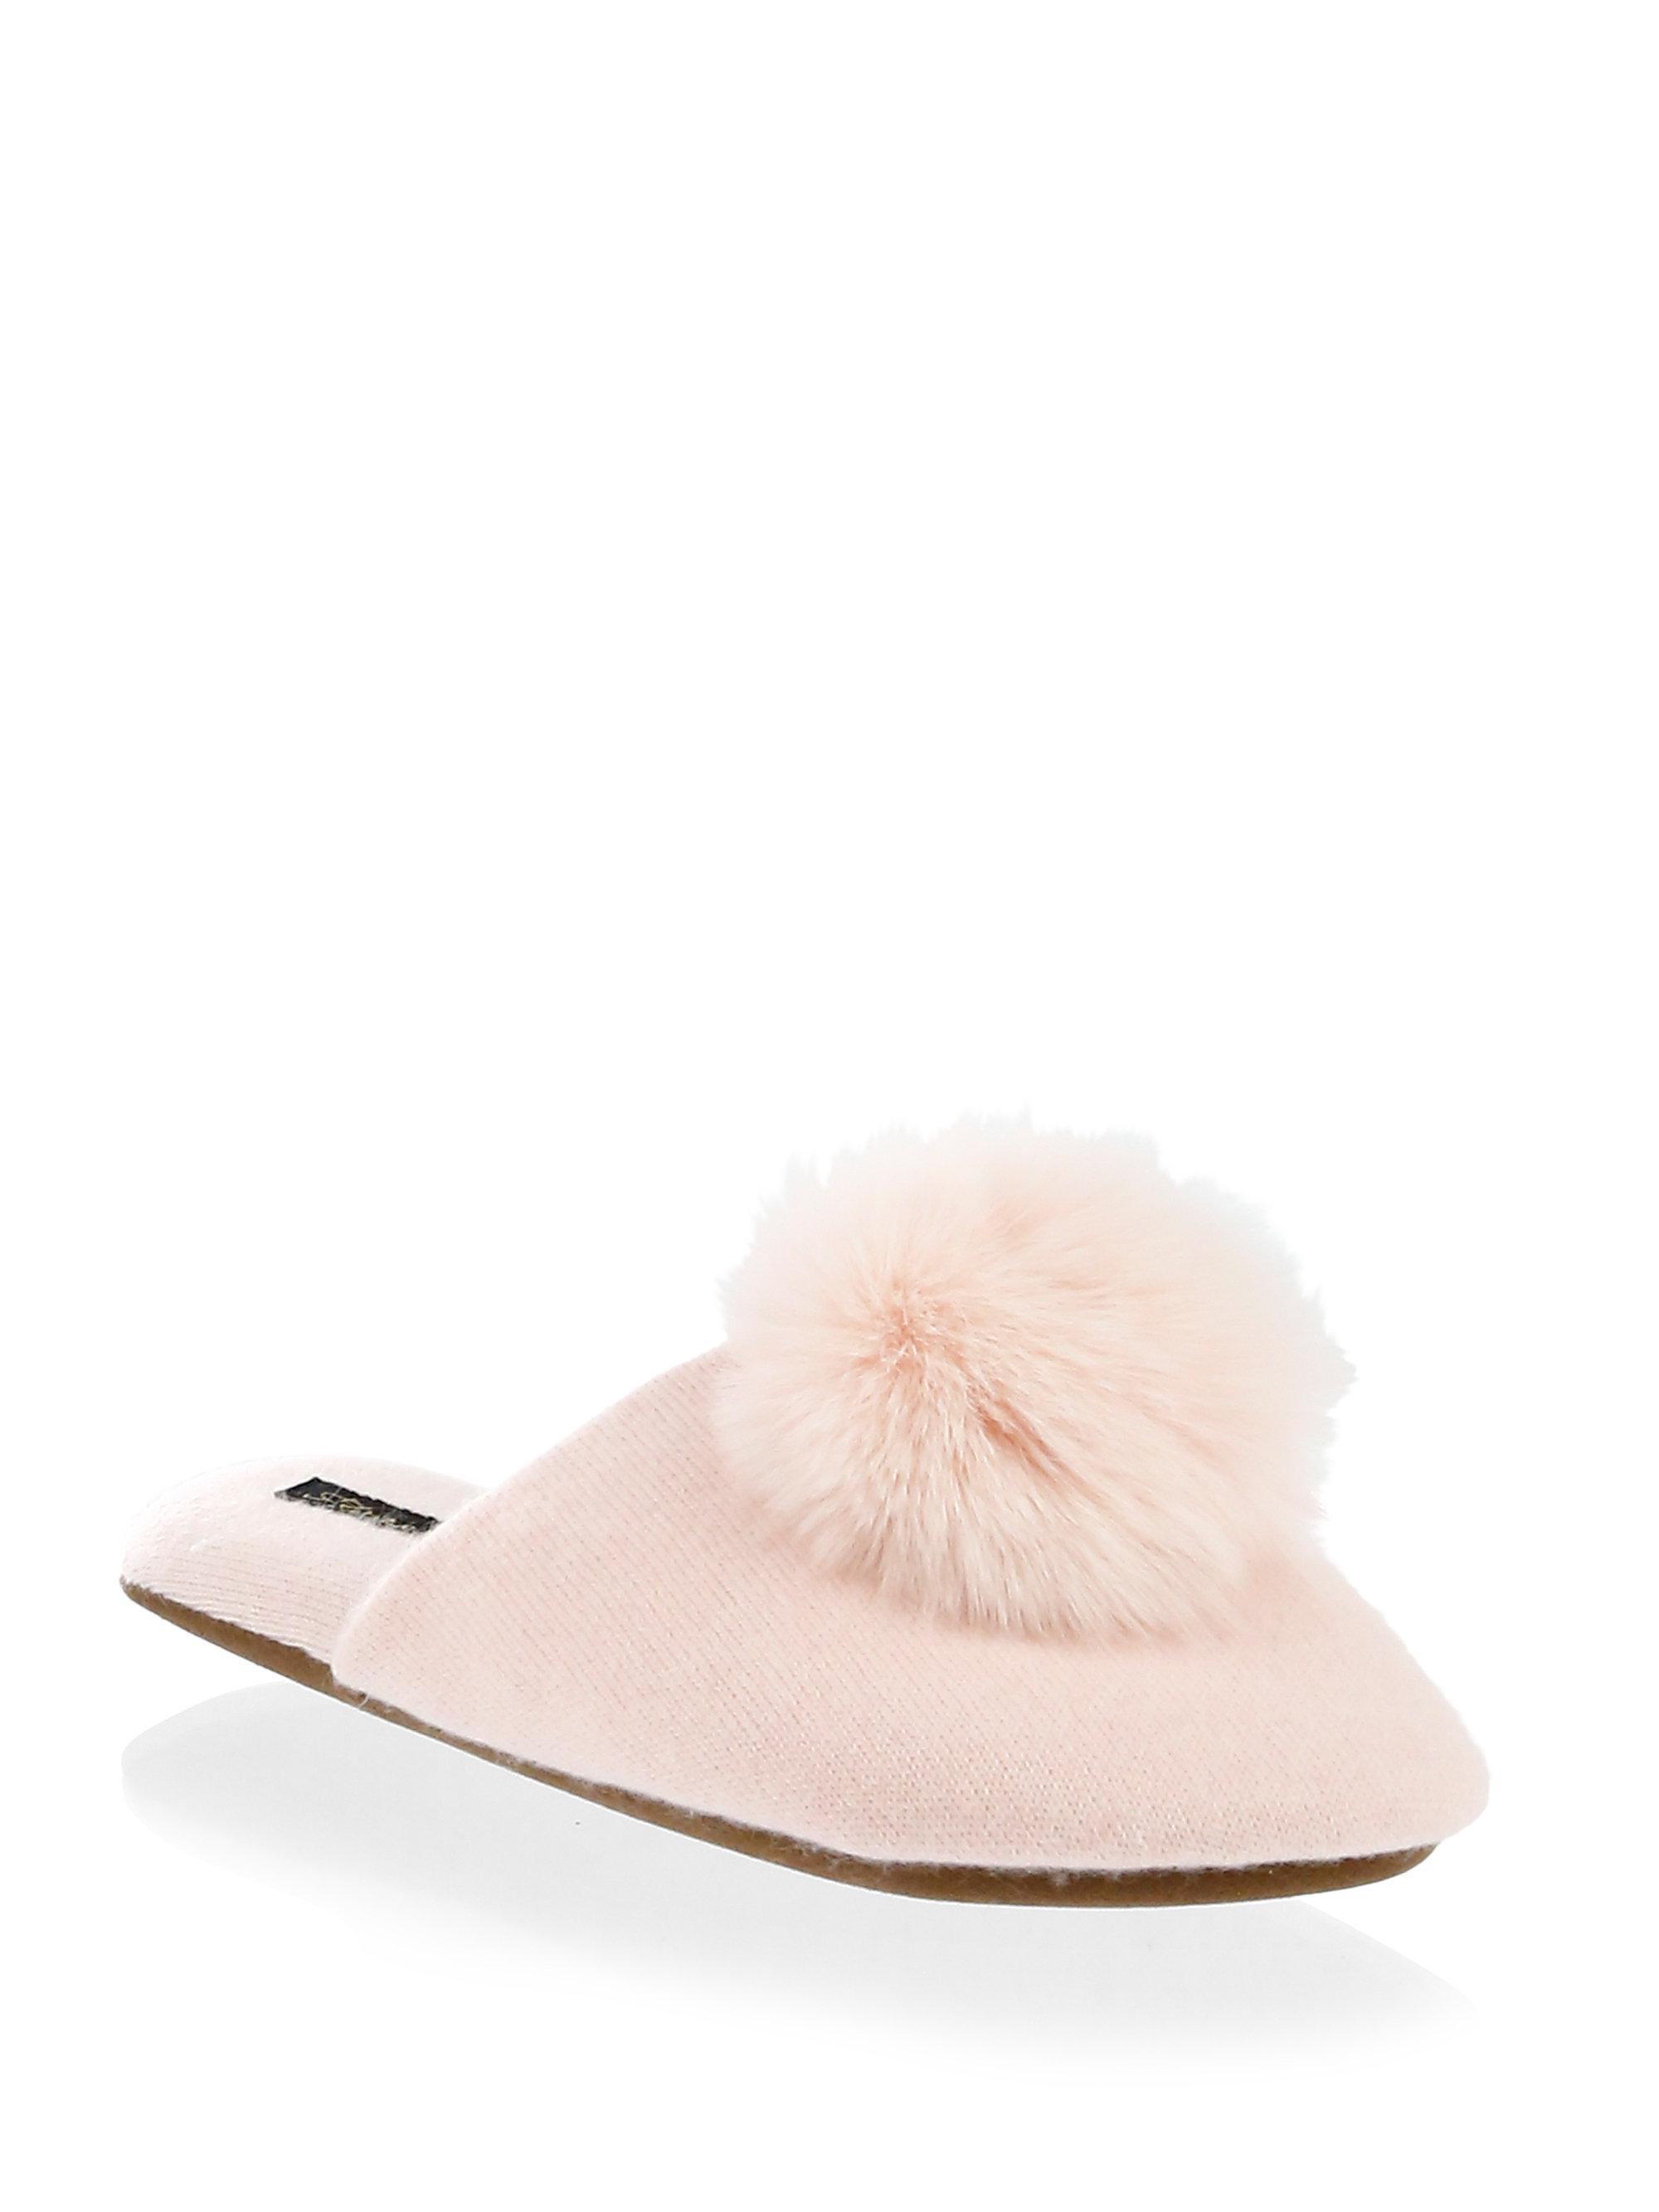 MINNIE ROSE Cashmere & Fox Fur Pom-Pom Slides